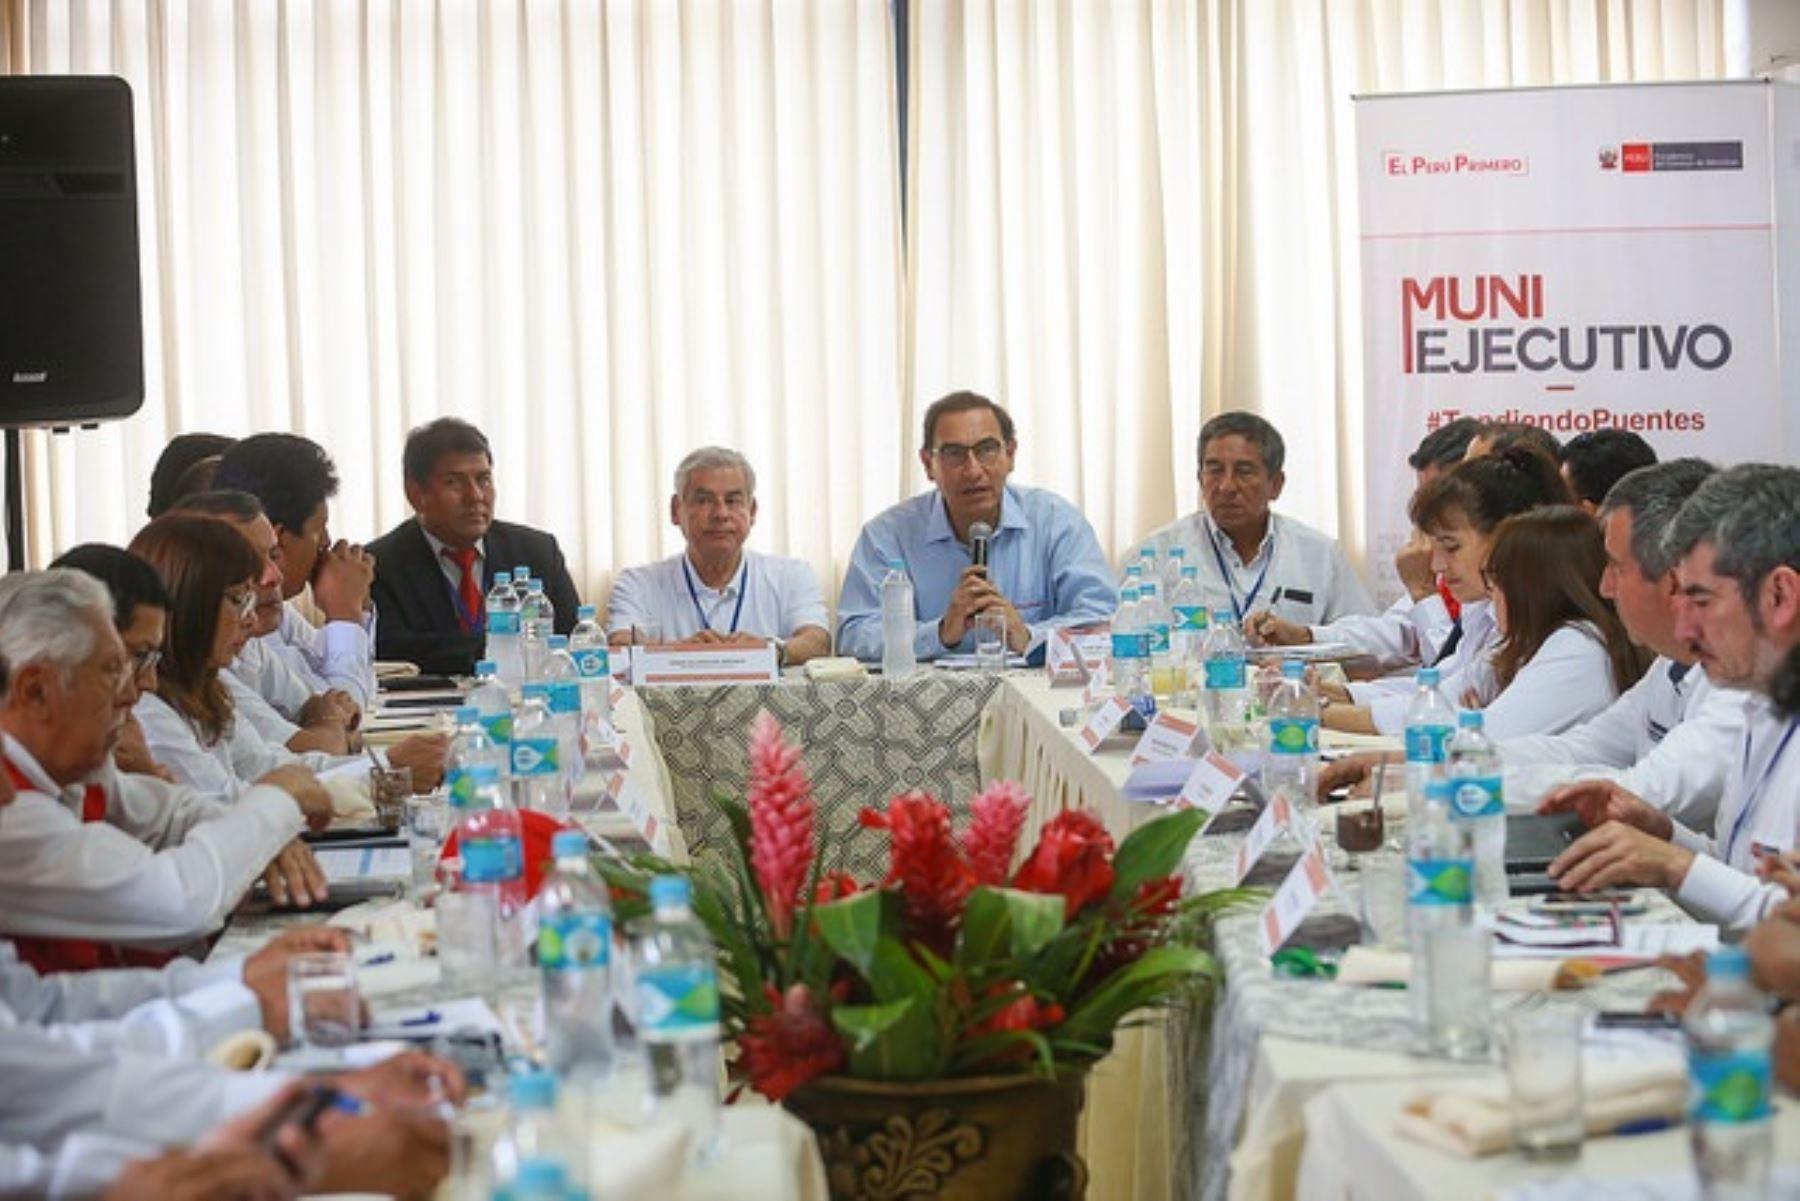 Presidente del Consejo de Ministros, César Villanueva, participa en Muni Ejecutivo realizado en Puerto Maldonado.